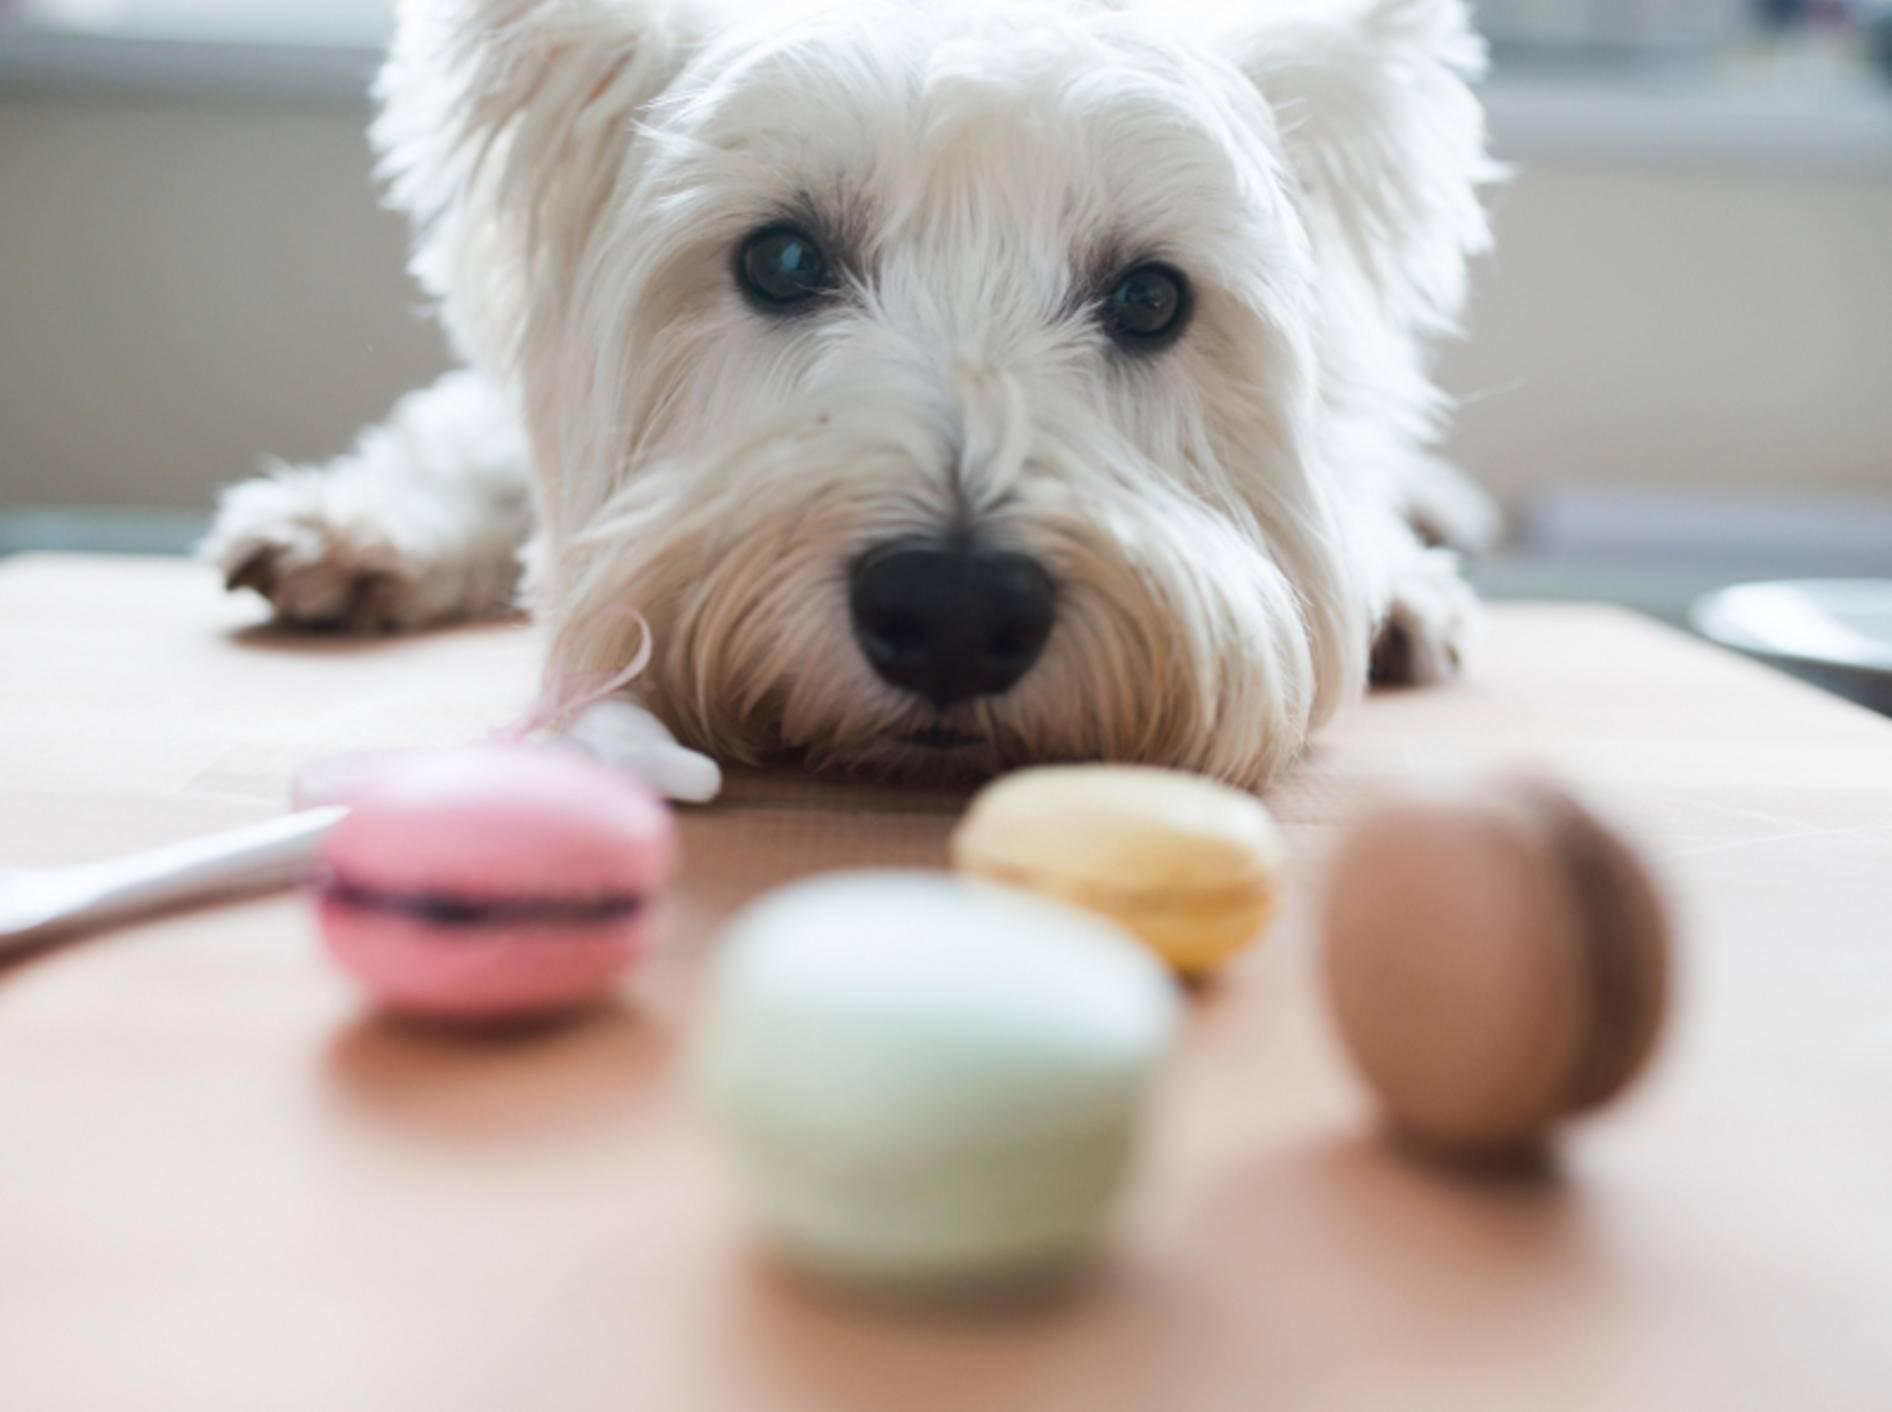 Vorsicht! Lassen Sie nichts für Hunde Giftiges unbedacht und für das Schleckermaul greifbar in der Wohnung rumliegen – Shutterstock / Madebyindigo